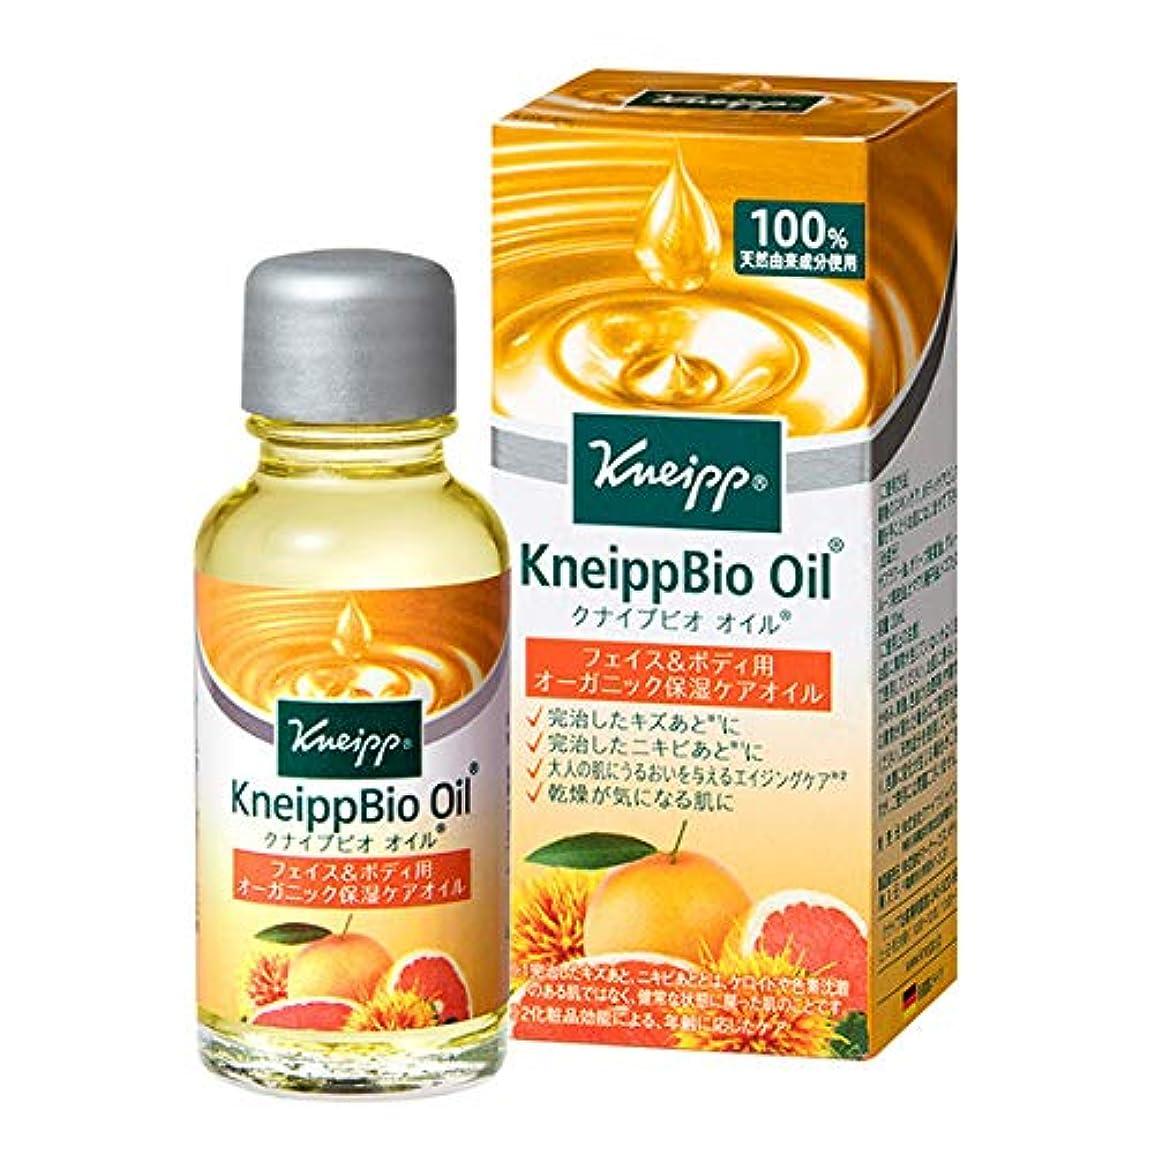 存在する高度な提供クナイプ(Kneipp) クナイプビオ オイル20mL 美容液